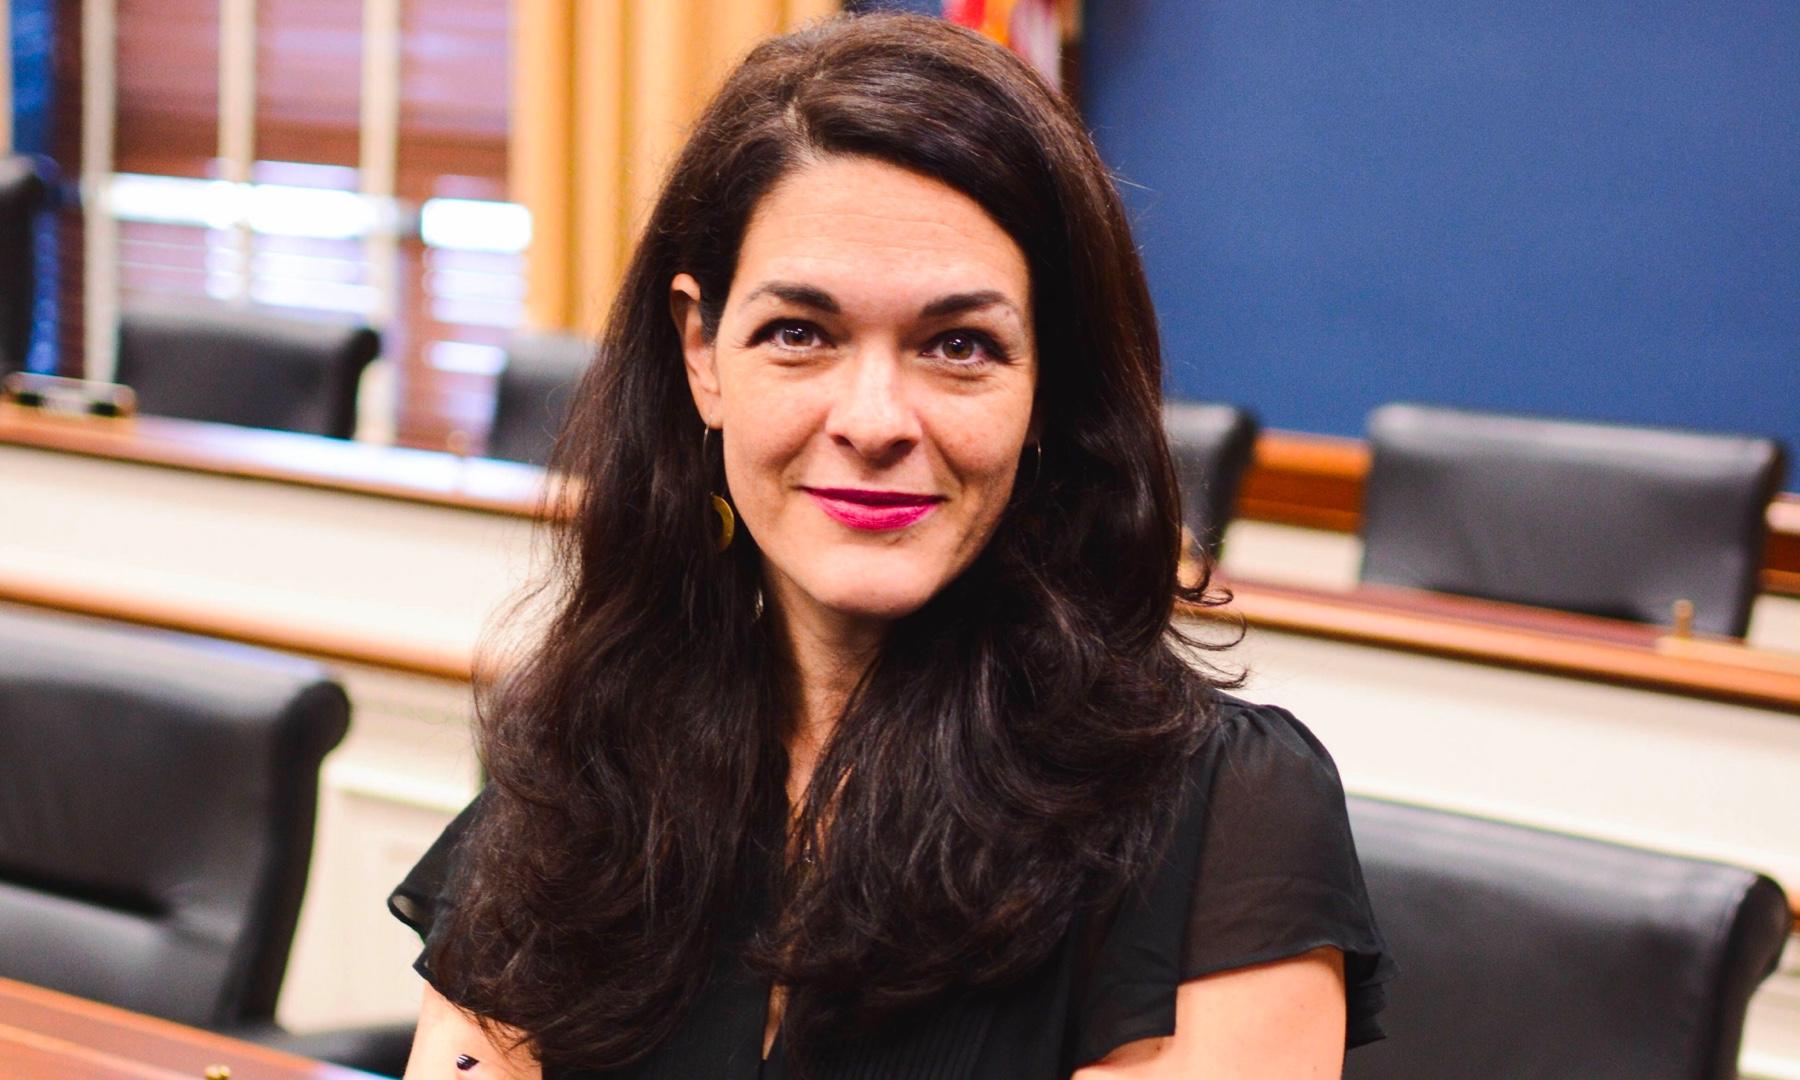 Professor Caroline Bruckner